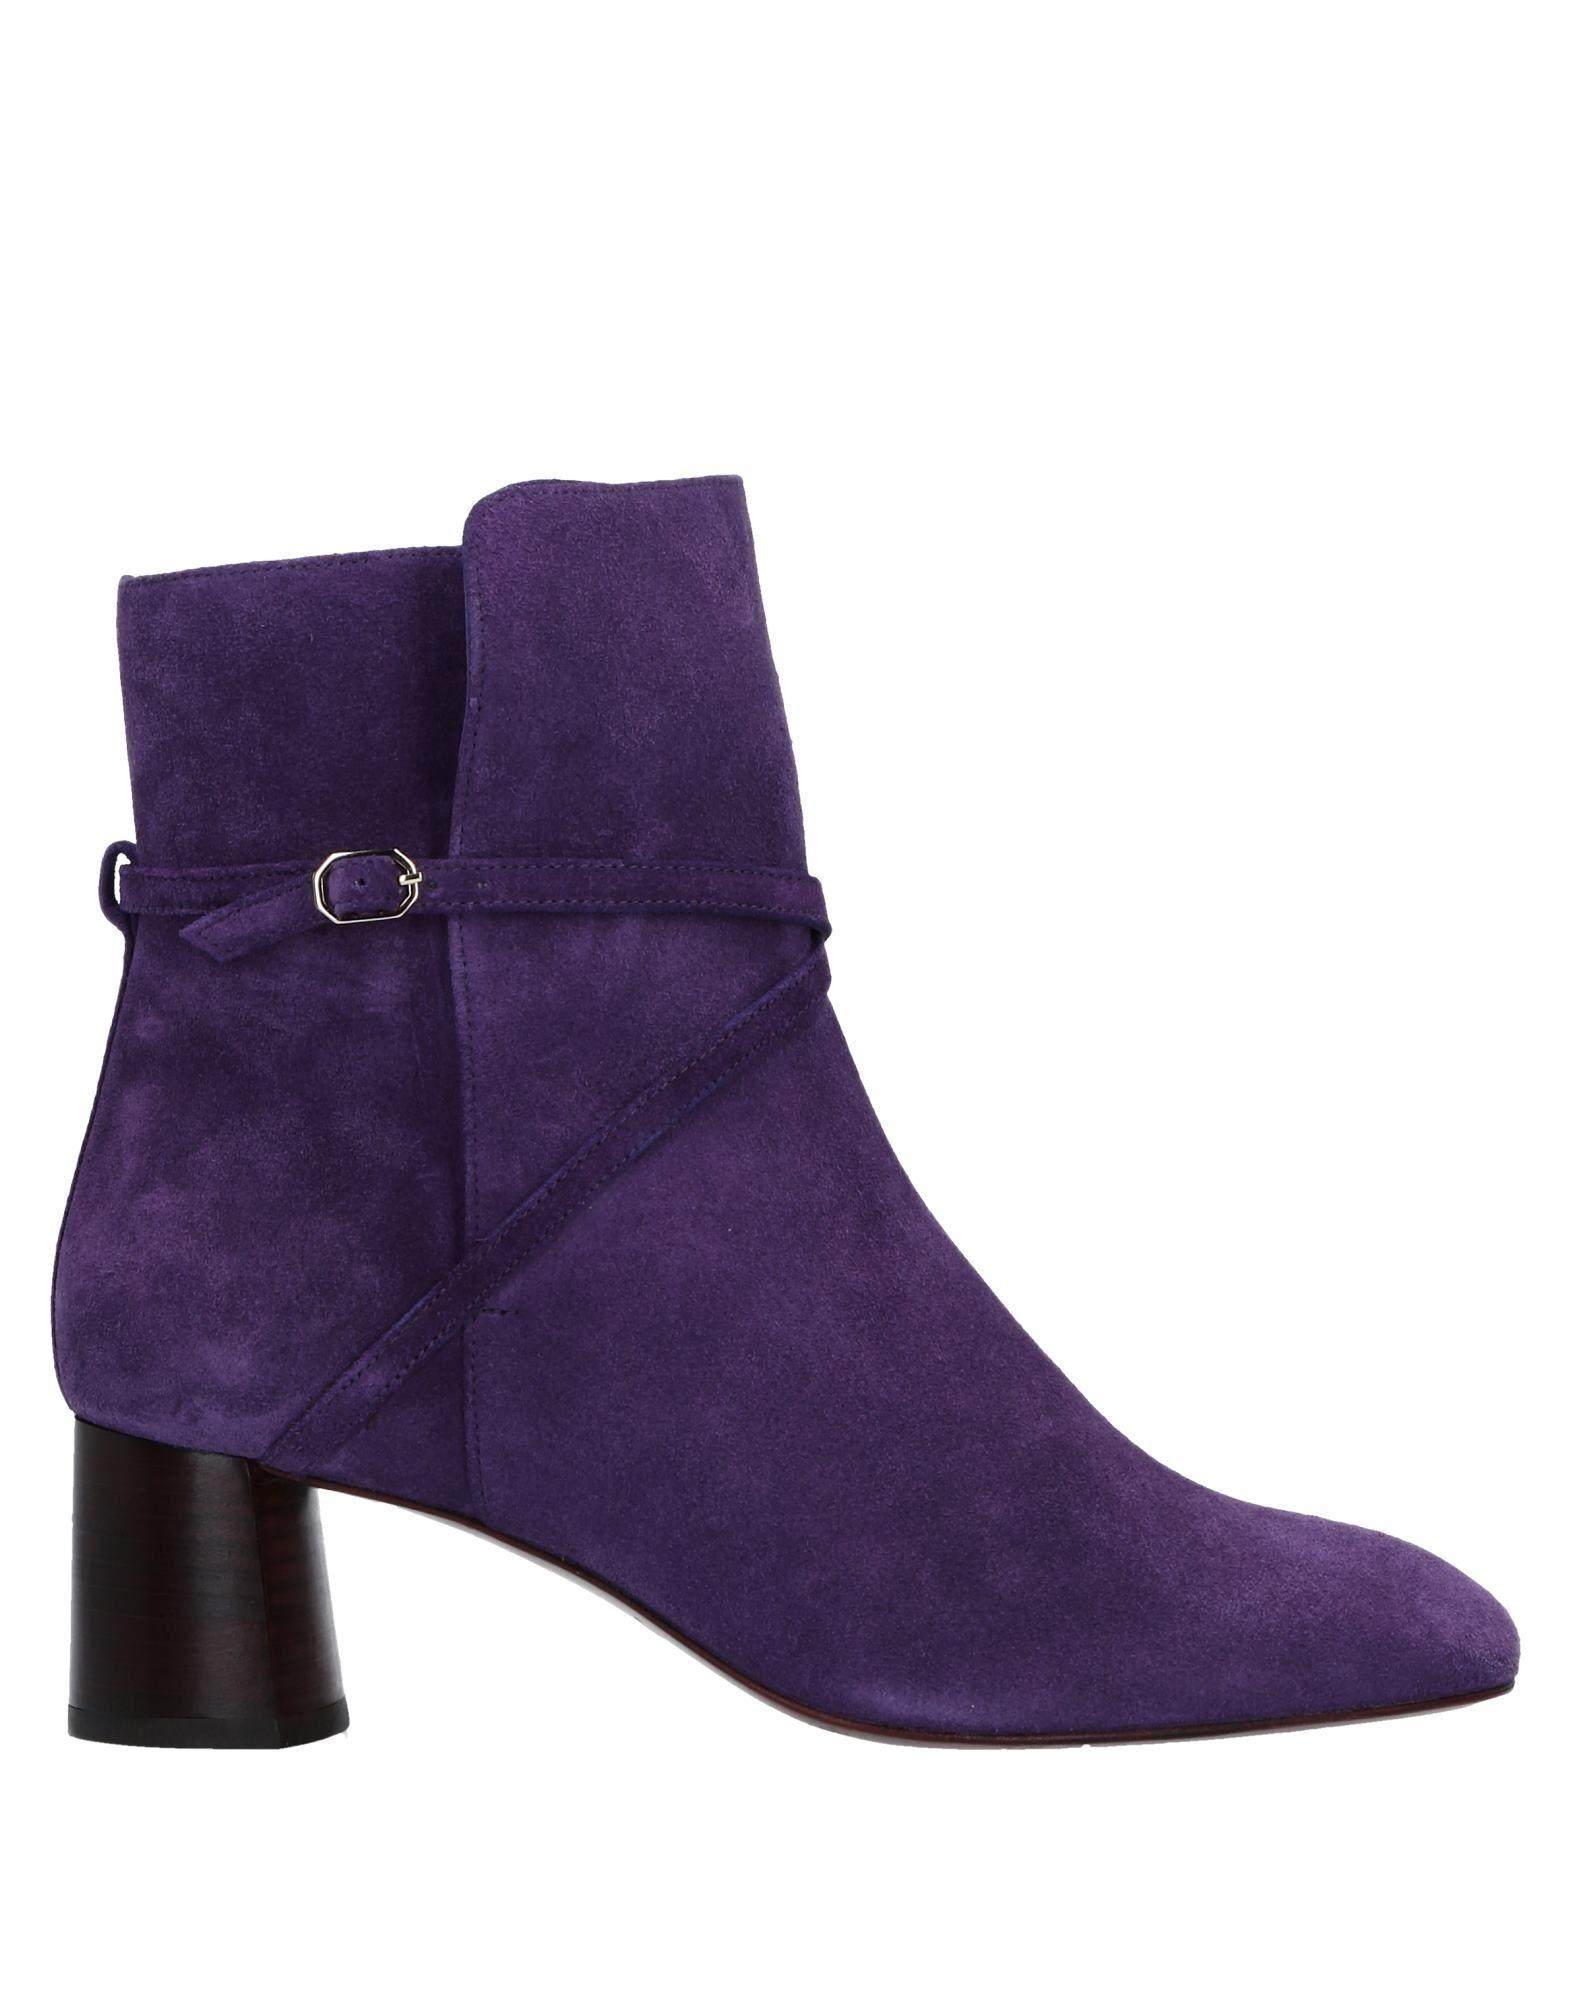 Avril Gau Stiefelette Damen  11539492QUGut aussehende strapazierfähige Schuhe